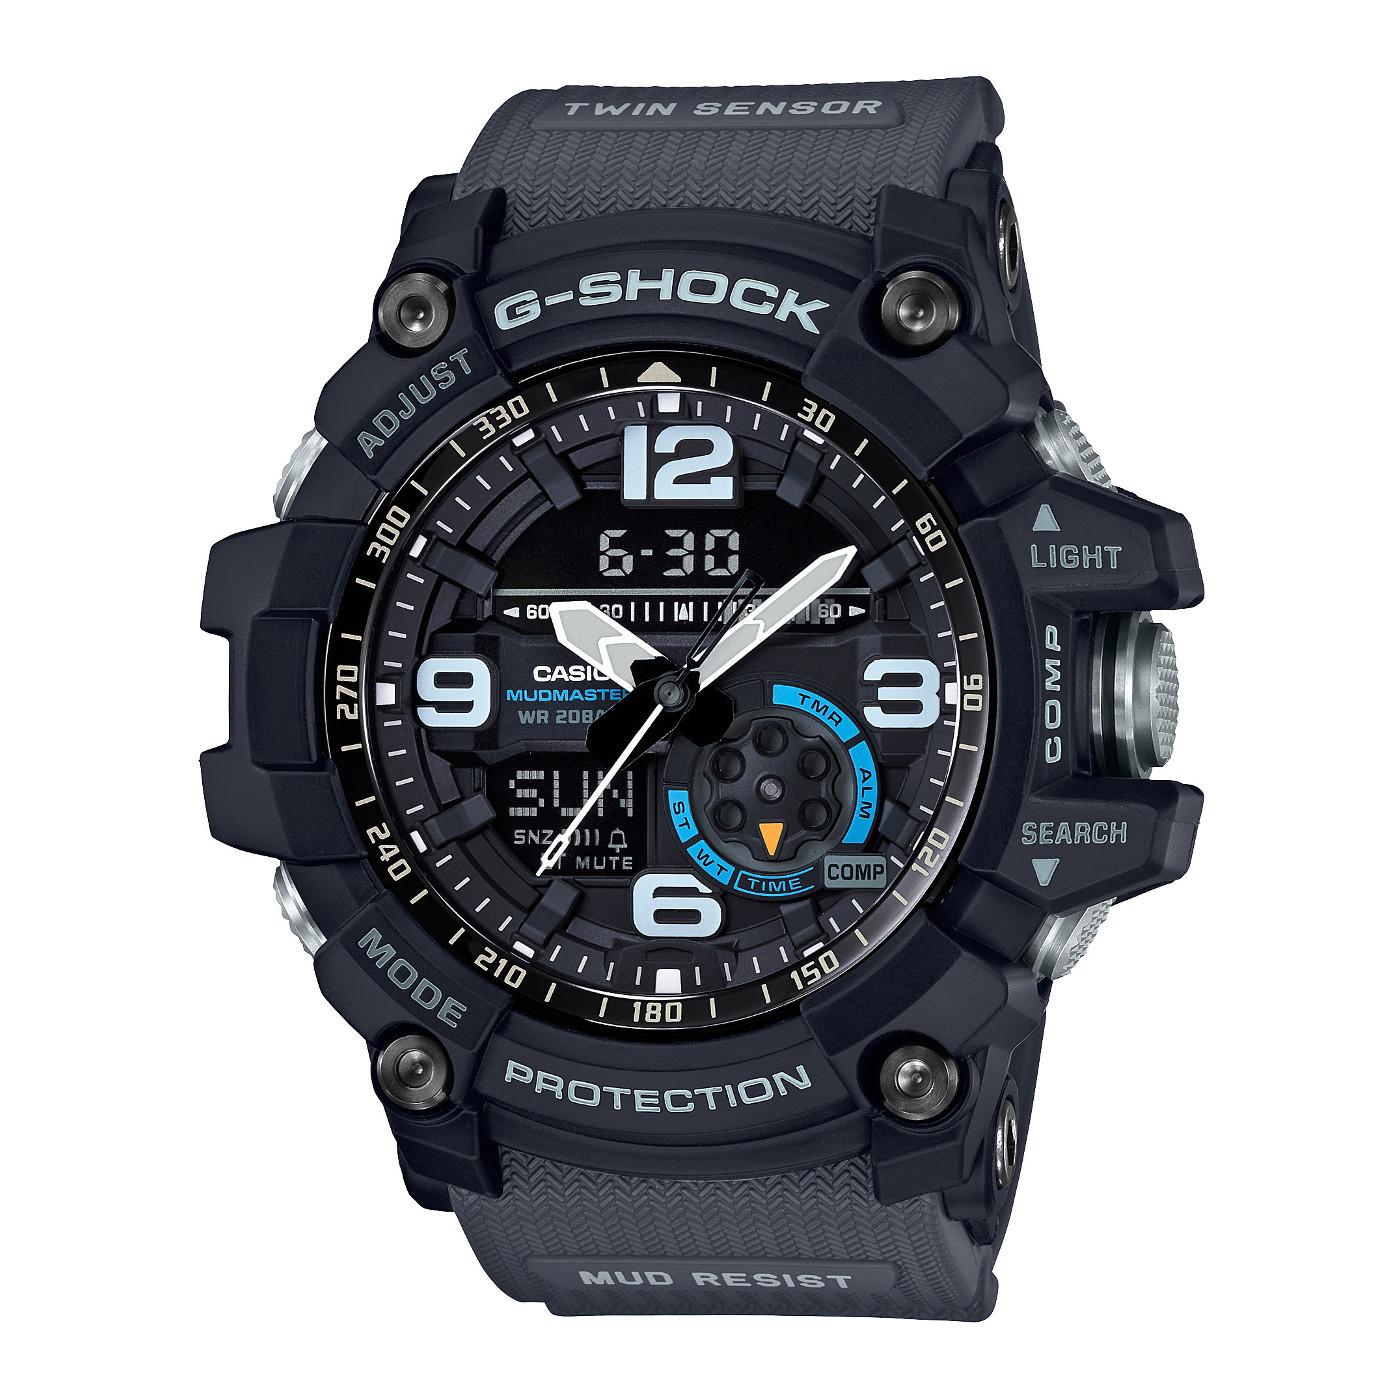 G-Shock Mudmaster Hodinky GG-1000-1A8ER - Hodinky 6a821d3f479